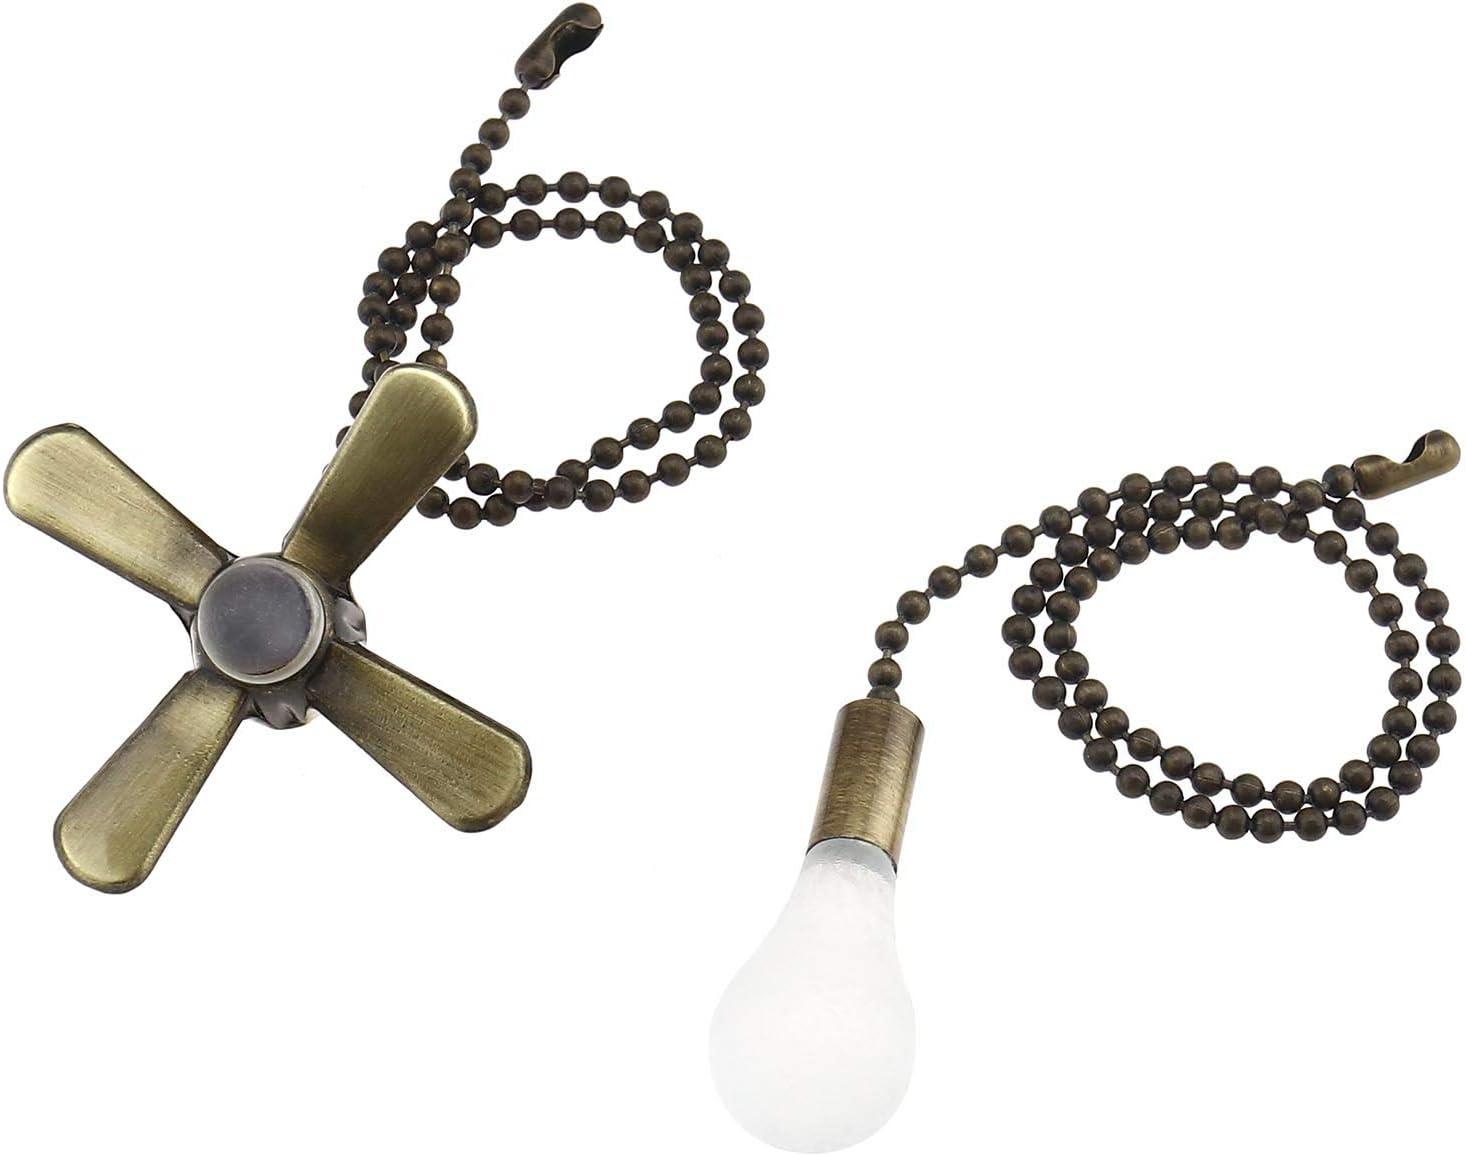 YINETTECH 2 unidades de cadena de metal con cuentas de 30 cm de extensión de cadena con mini ventilador colgante para ventiladores de techo, luces de bronce